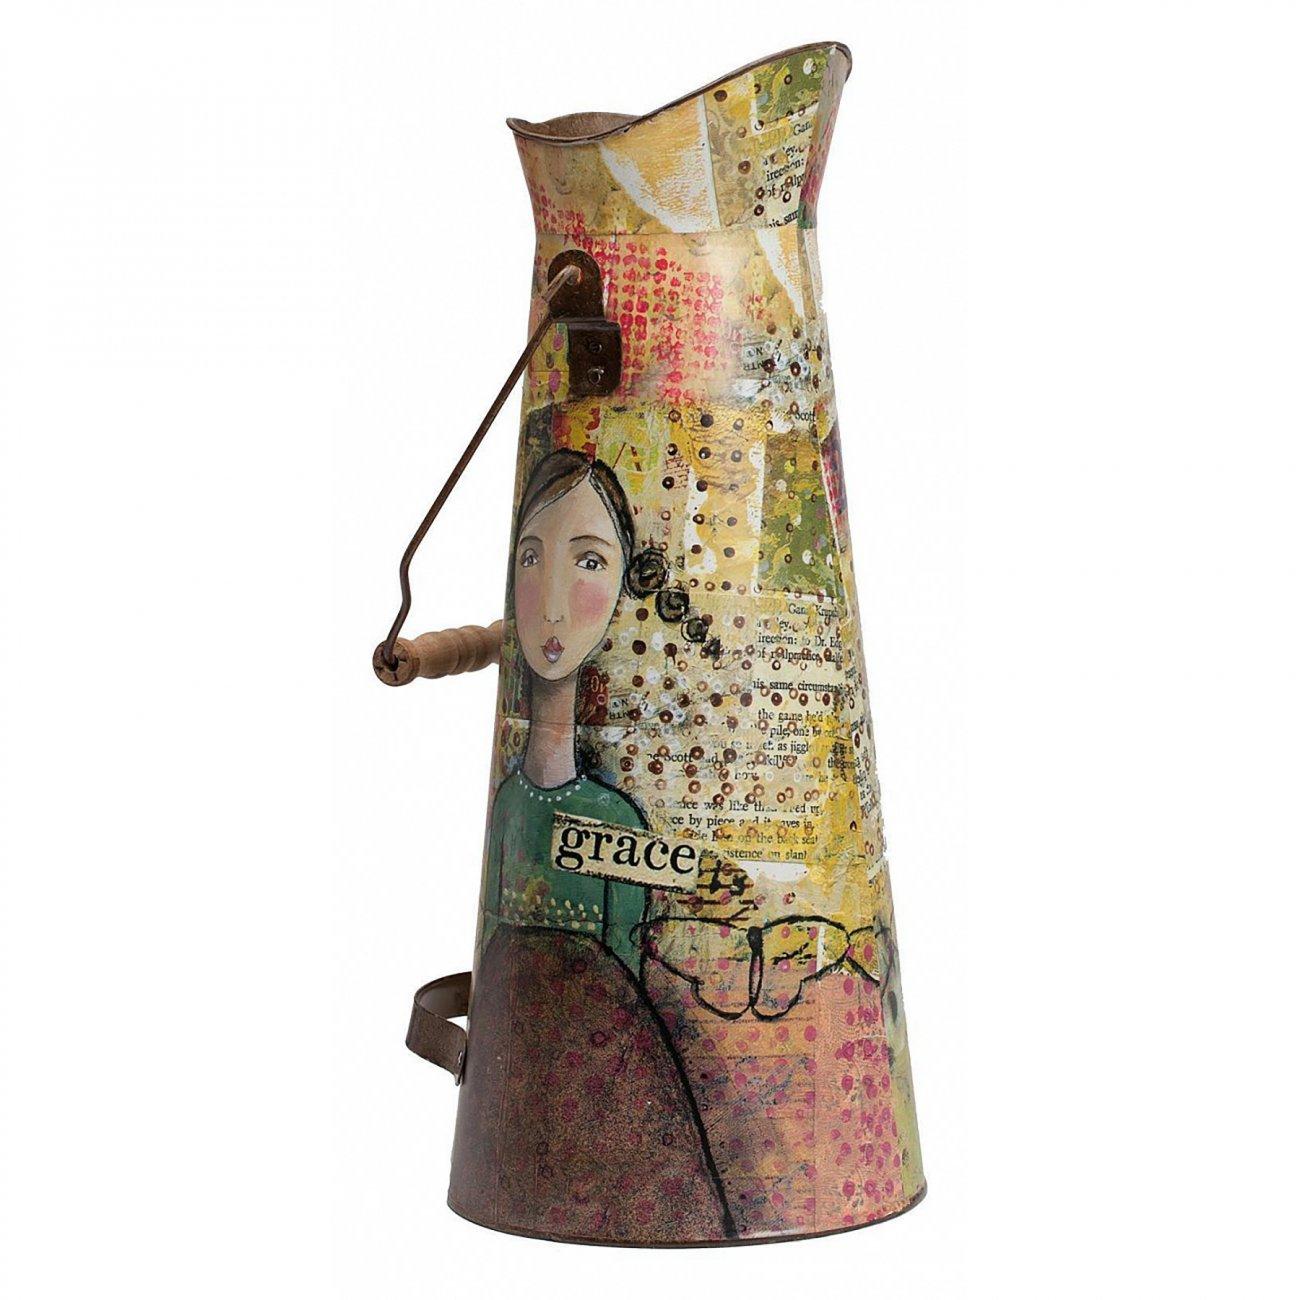 Купить Декоративный кувшин Kelly Posh в интернет магазине дизайнерской мебели и аксессуаров для дома и дачи